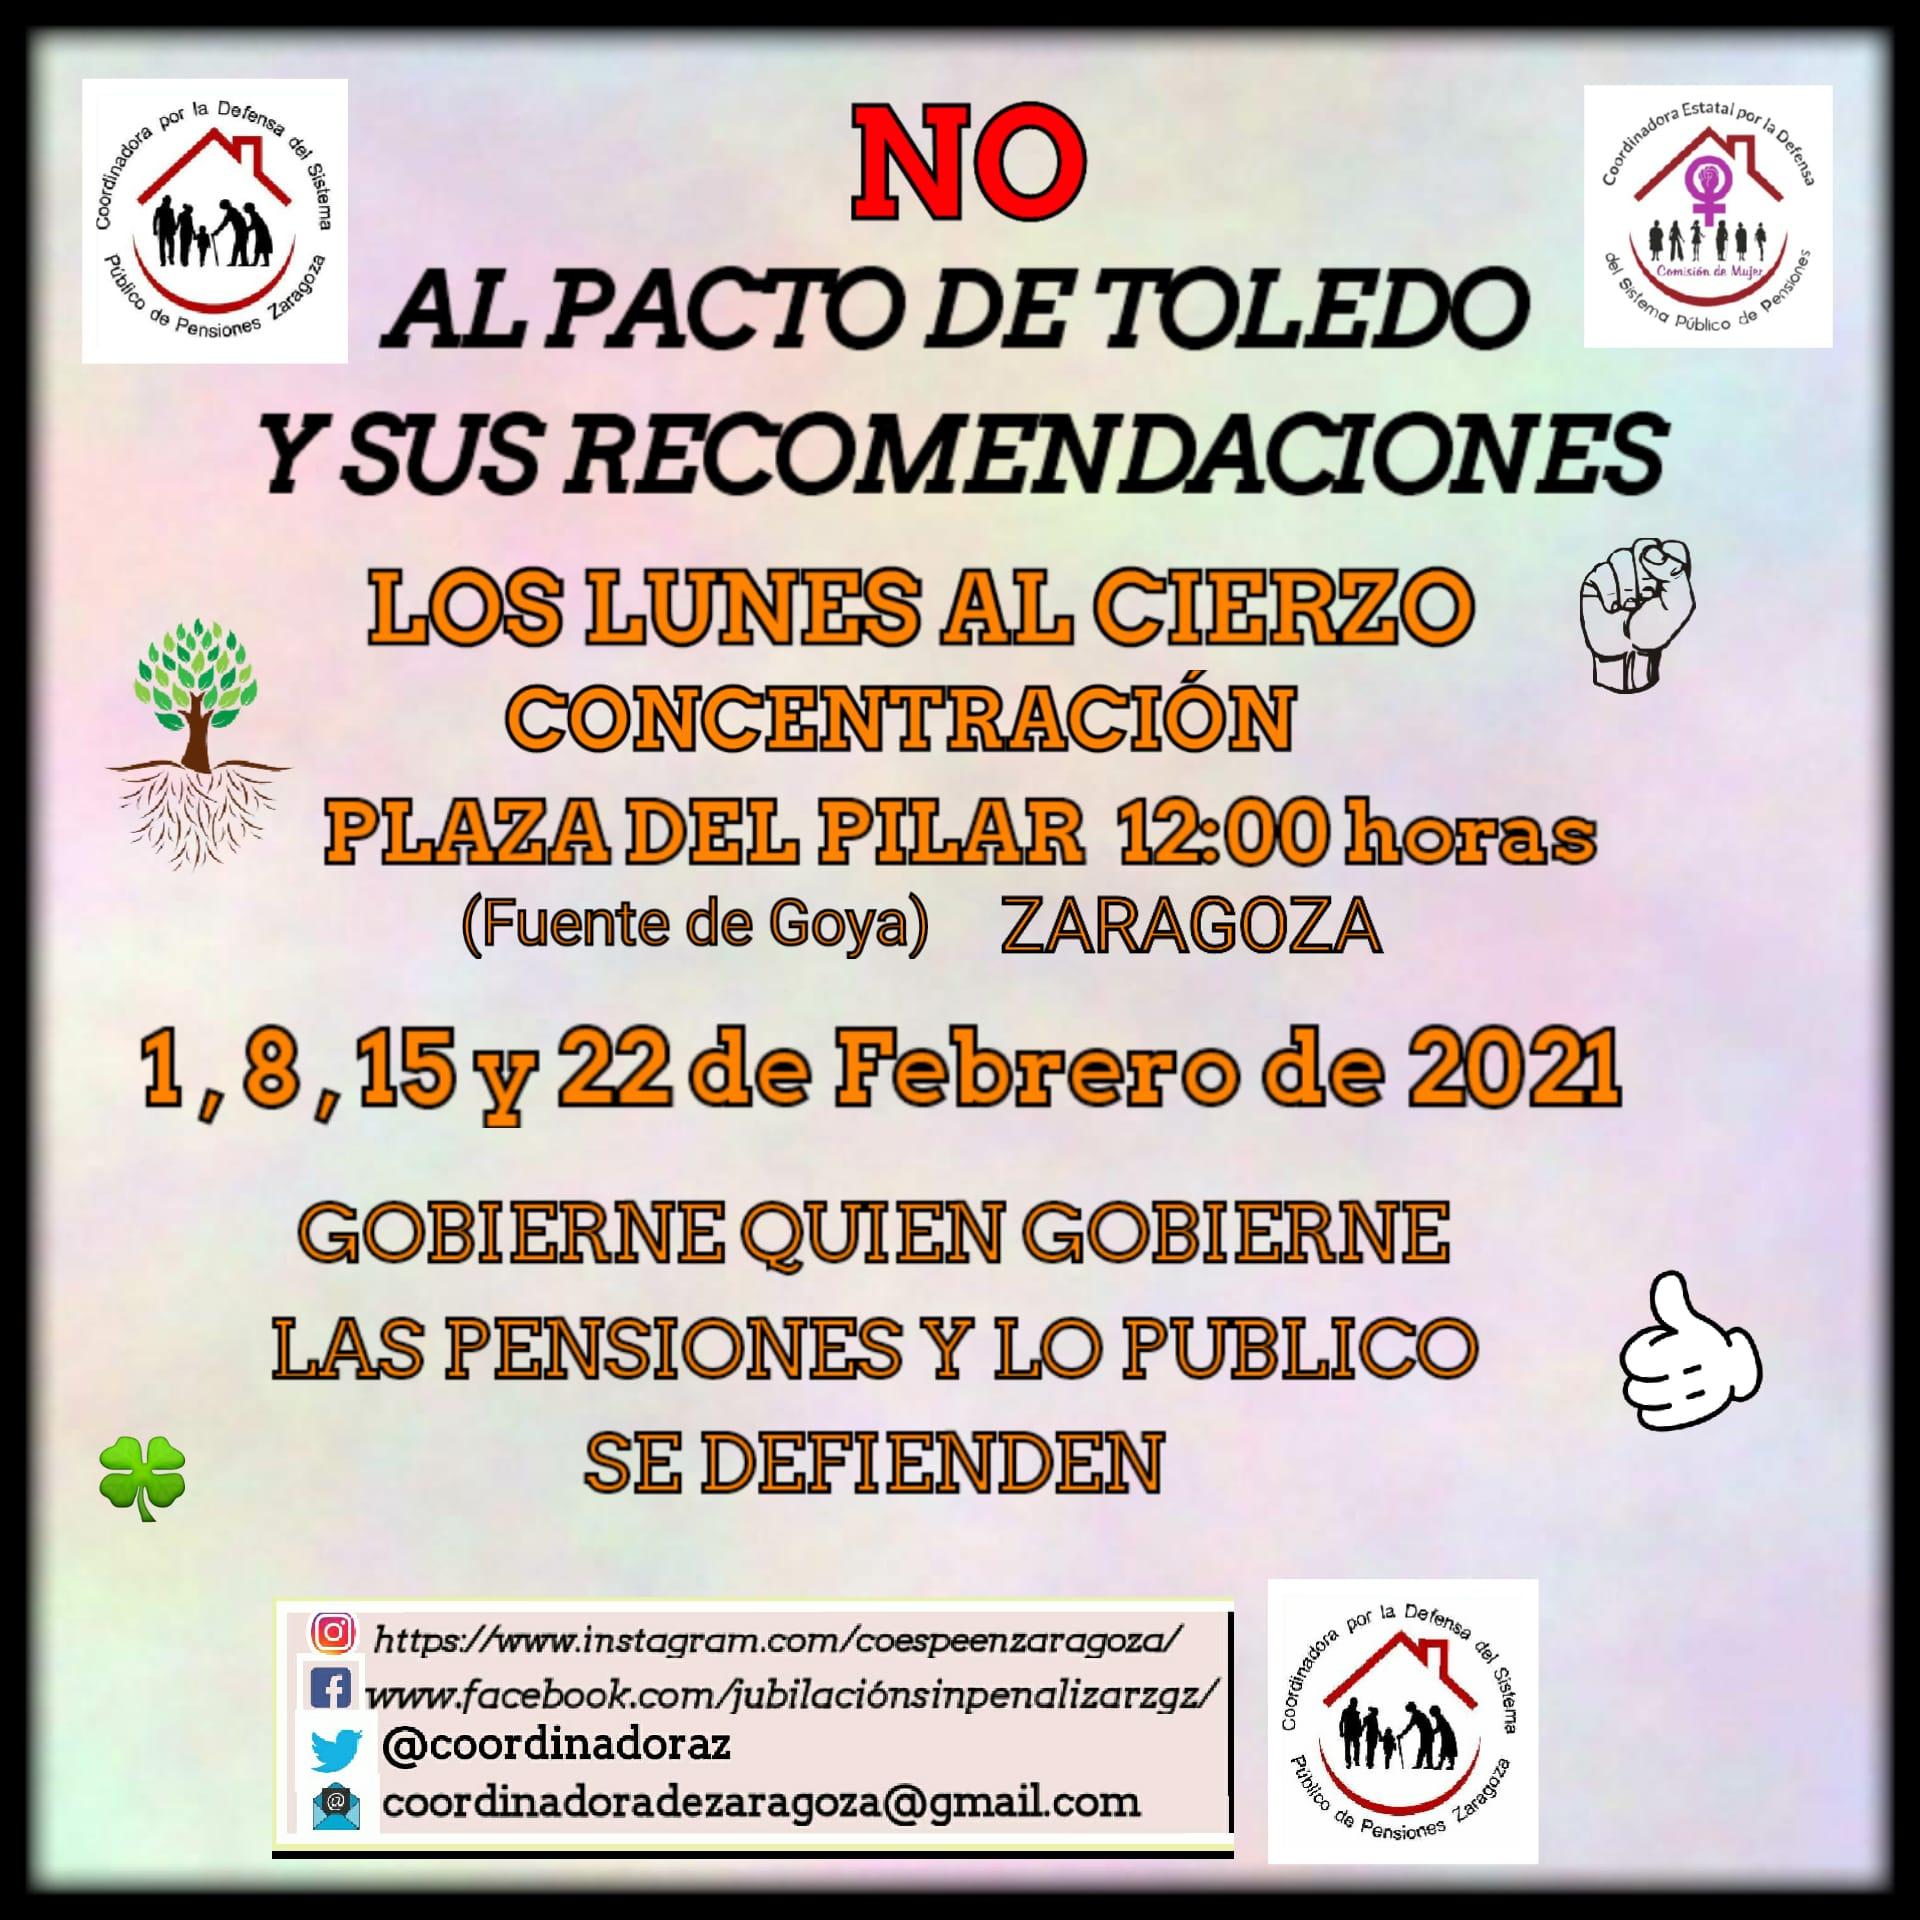 EN FEBRERO LOS CUATRO LUNES AL CIERZO CONTRA LOS PACTOS DE TOLEDO Y SUS RECOMENDACIONES.